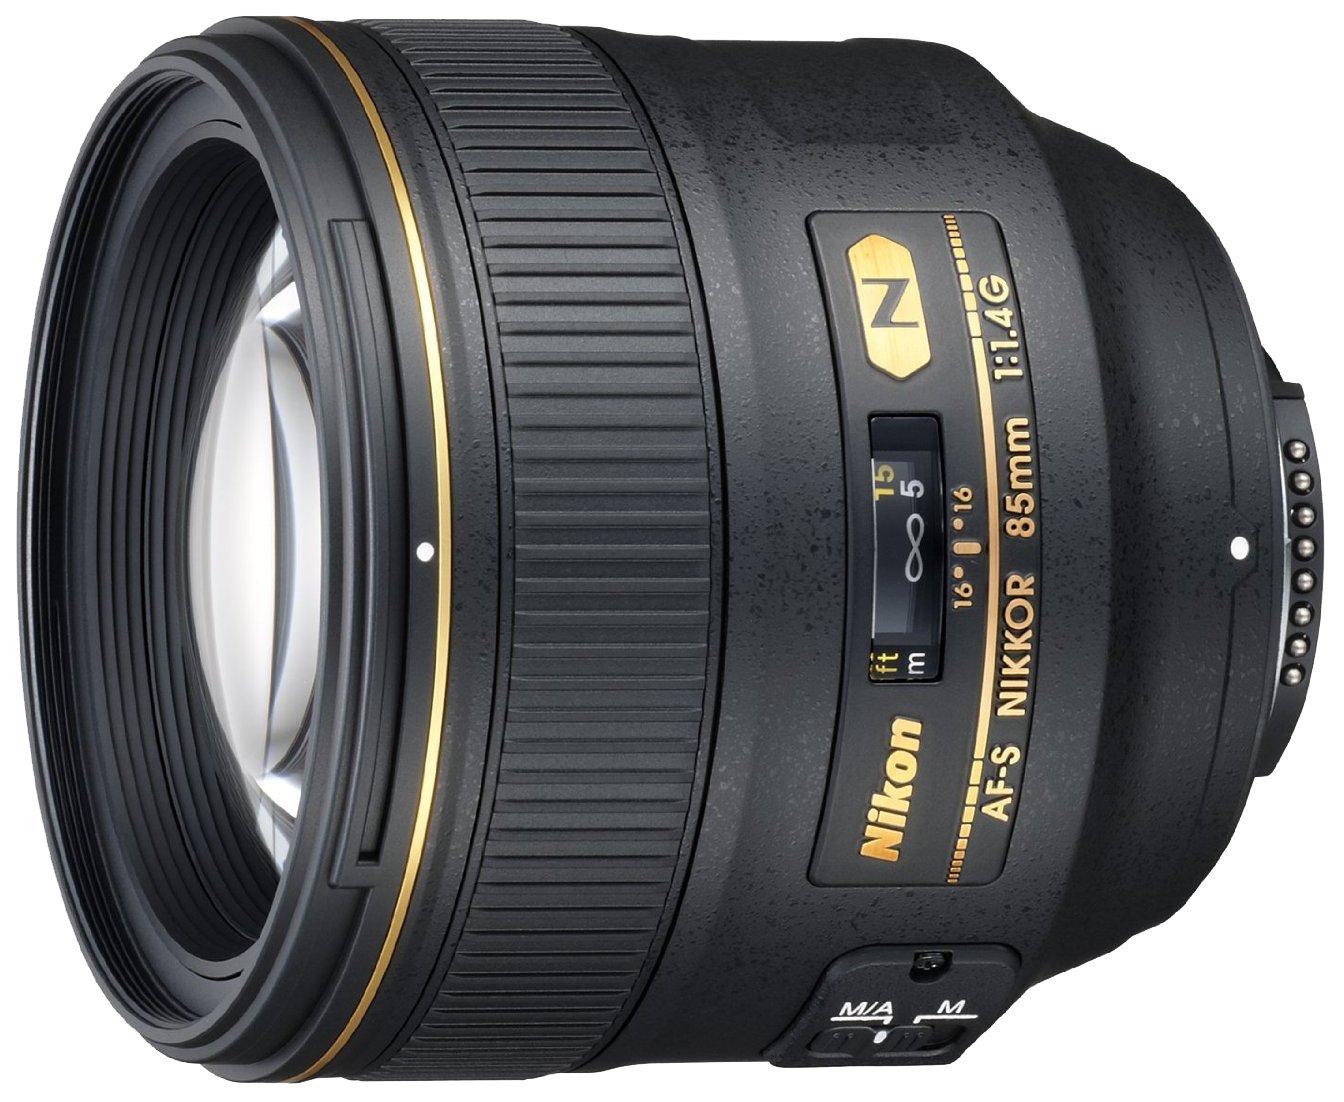 nikkor 85mm f1.4 lens